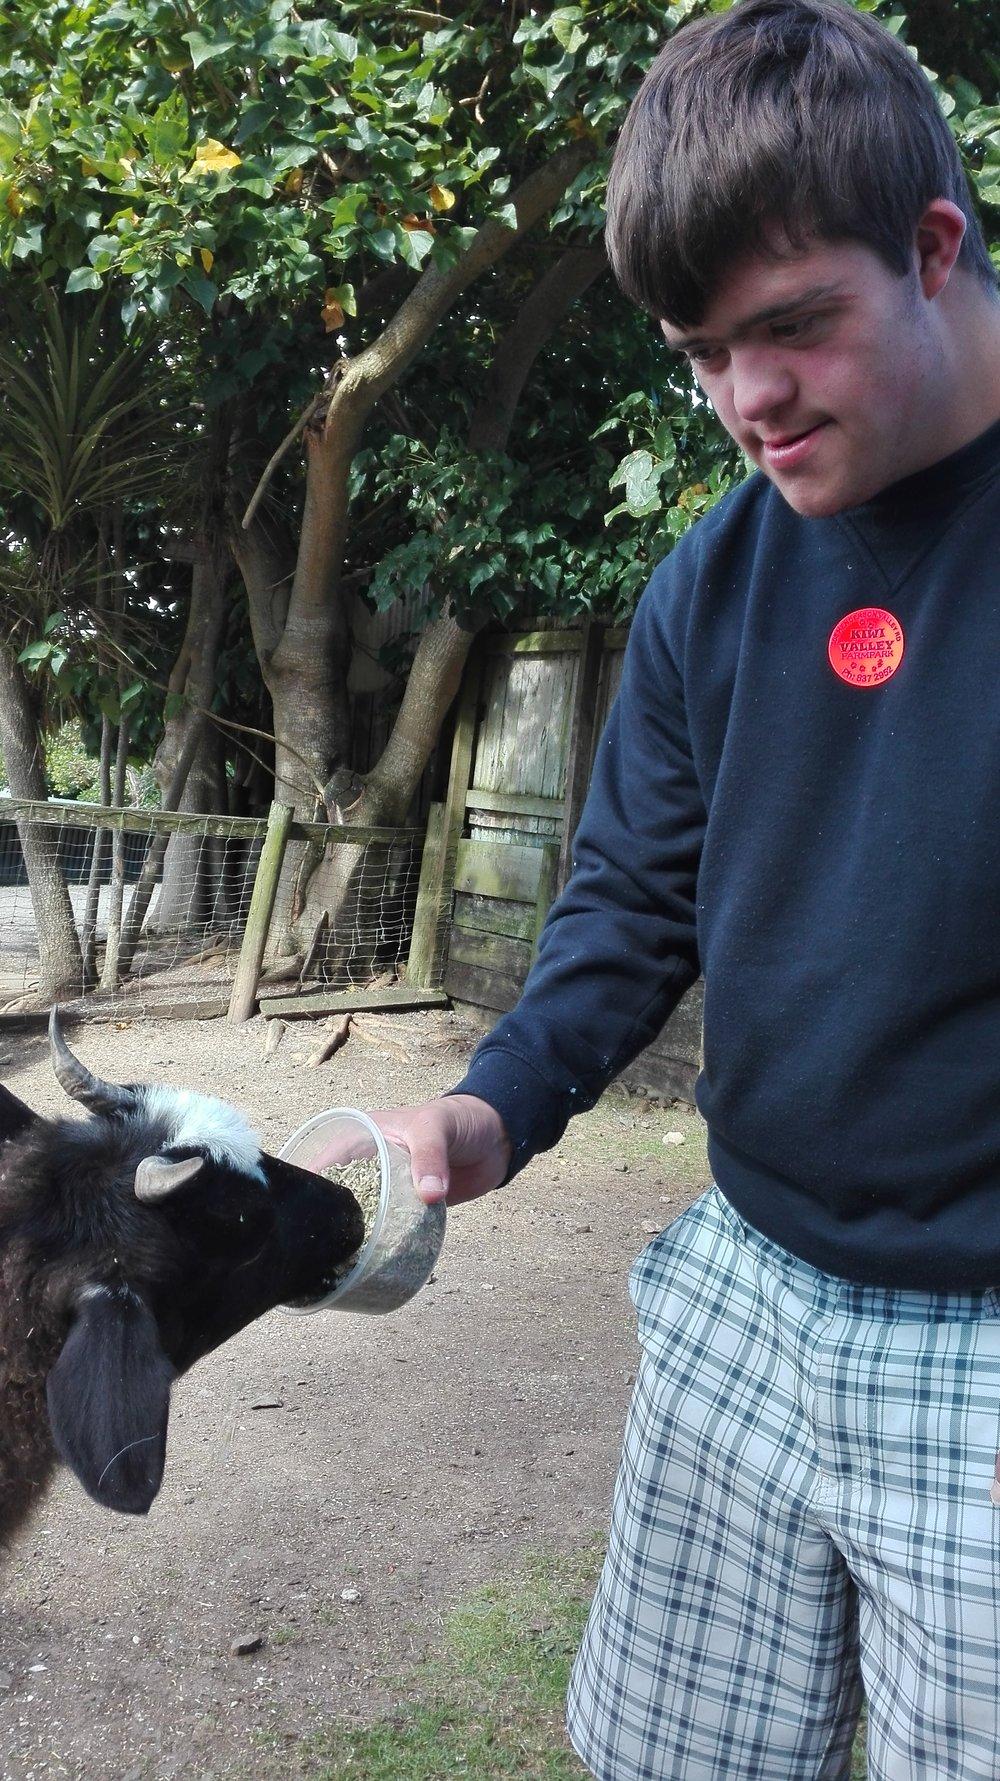 Kiwi Valley Farm Park